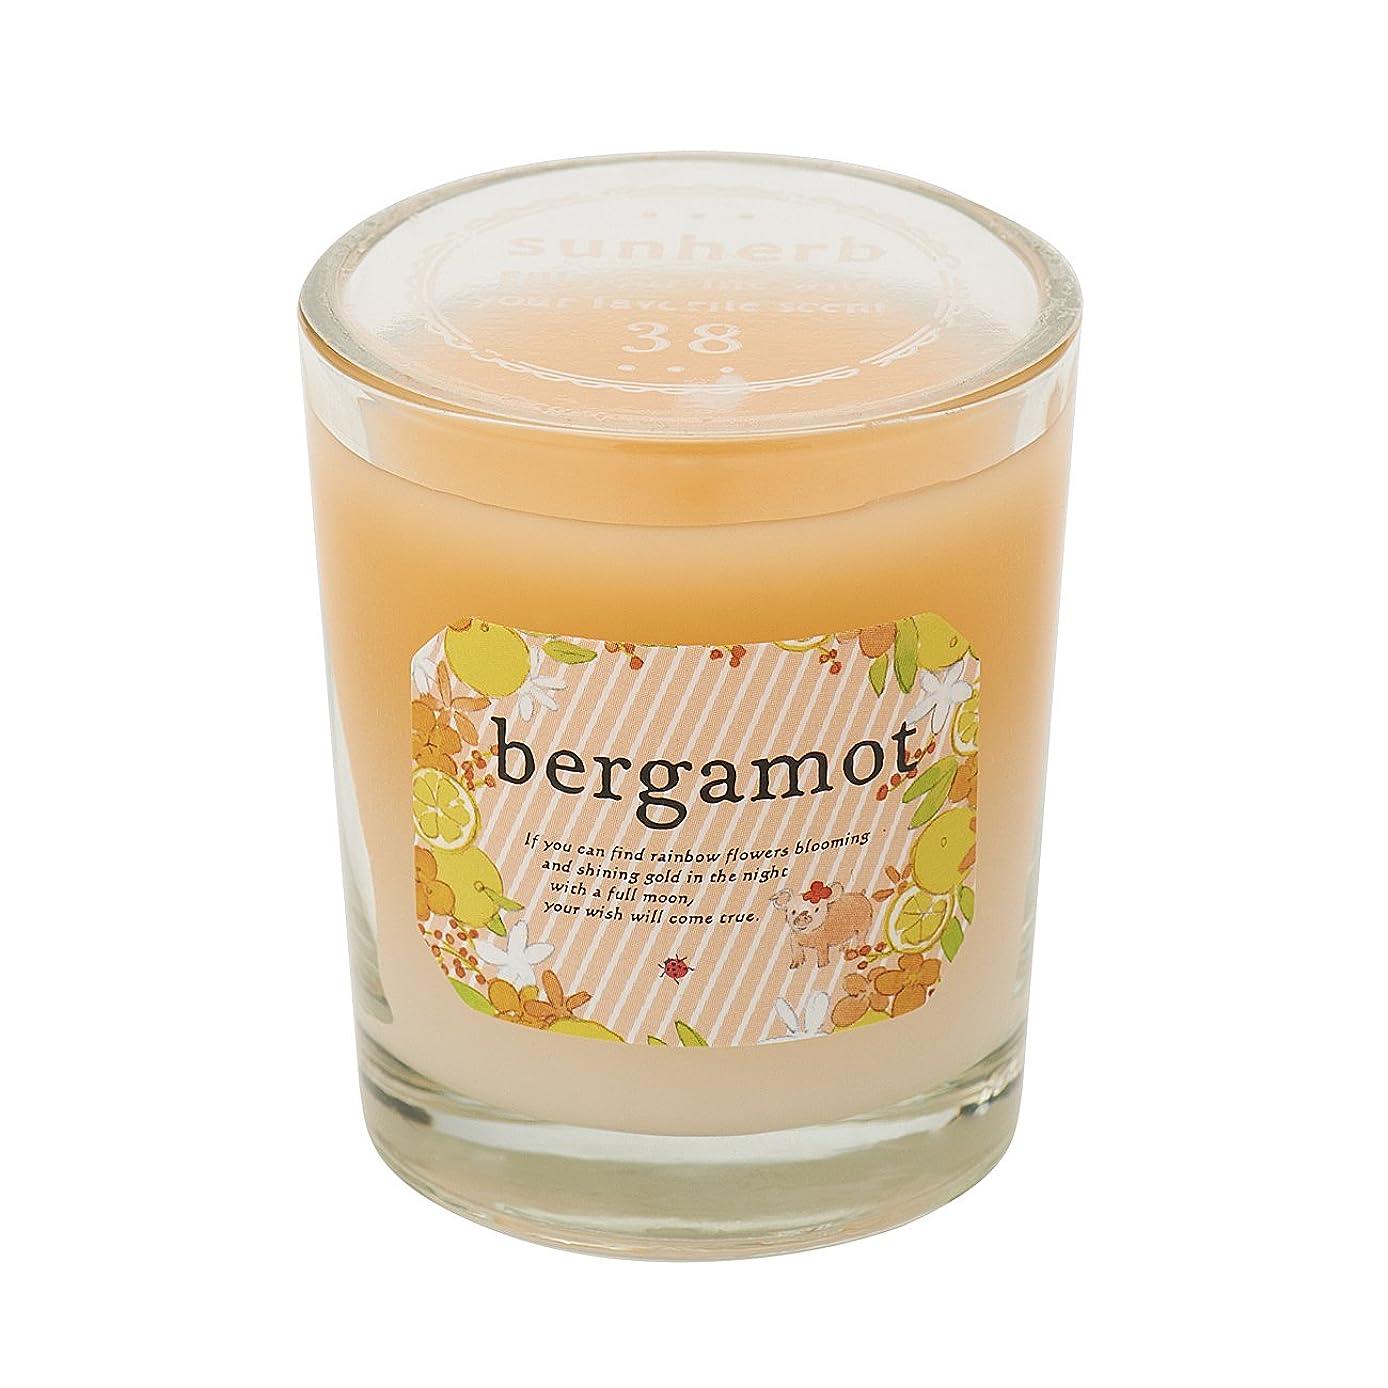 近代化のために含意サンハーブ グラスキャンドル ベルガモット 35g(グラデーションろうそく 燃焼時間約10時間 懐かしい甘酸っぱい香り)